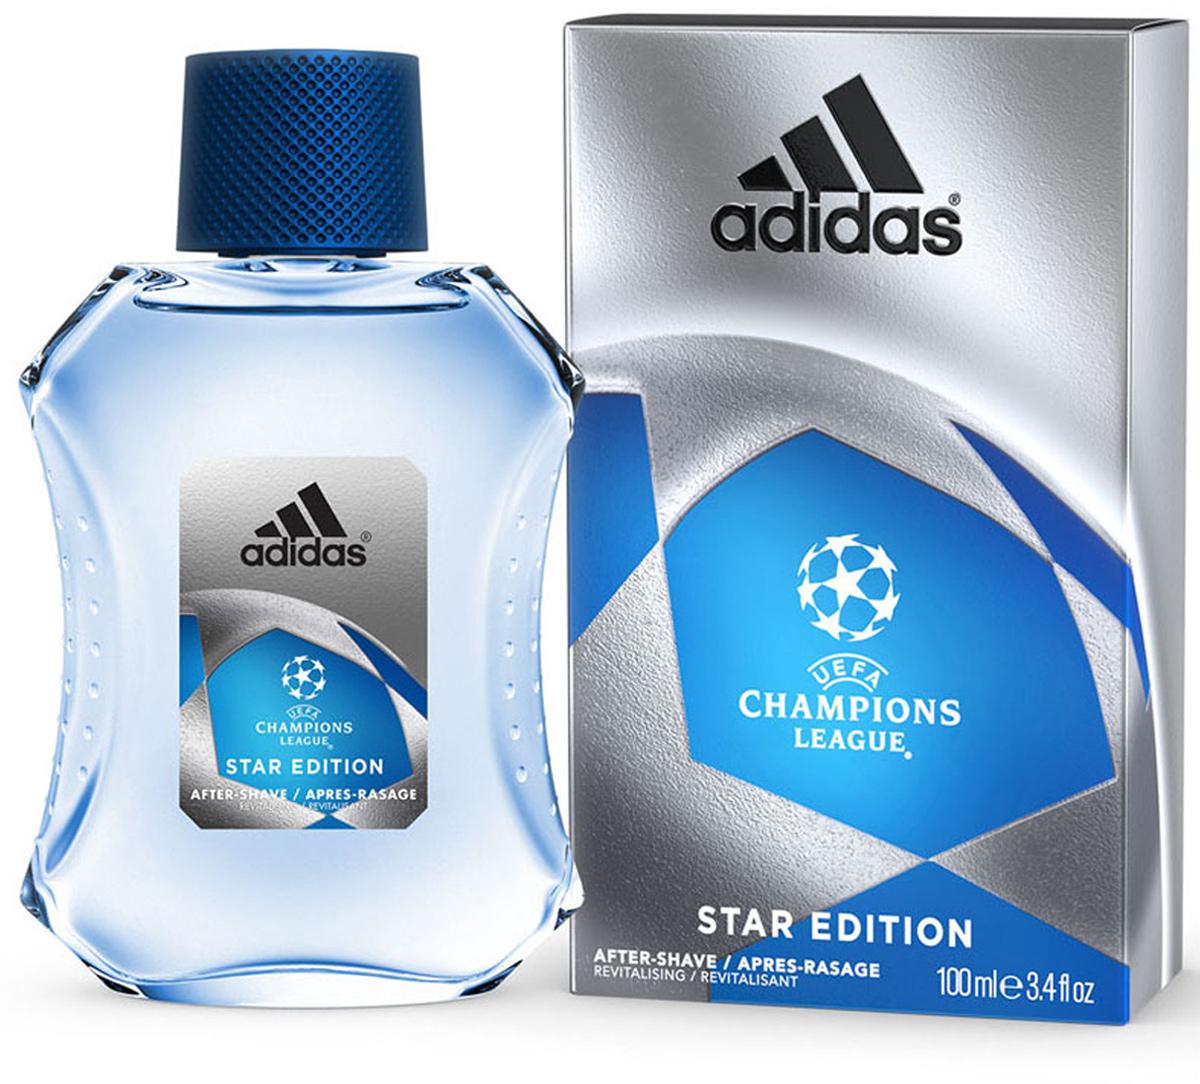 Adidas Лосьон после бритья UEFA II Champions League Star EdItion, 100 мл340005260070/3614221204146Лосьон после бритья Adidas UEFA Champions League Star Edition содержит формулу со специальным комплексом skin protect complex, который защищает кожу, уменьшает раздражение, заряжает энергией. Основные компоненты комплекса: - аллантоин увлажняет и успокаивает кожу, заживляет мелкие порезы; - витамины защищают кожу от антиоксидантов; - минеральные соли заряжают энергией и тонизируют; - спирт обладает антибактериальным действием; - UF фильтры защищают кожу от ультра фиолетовых лучей.